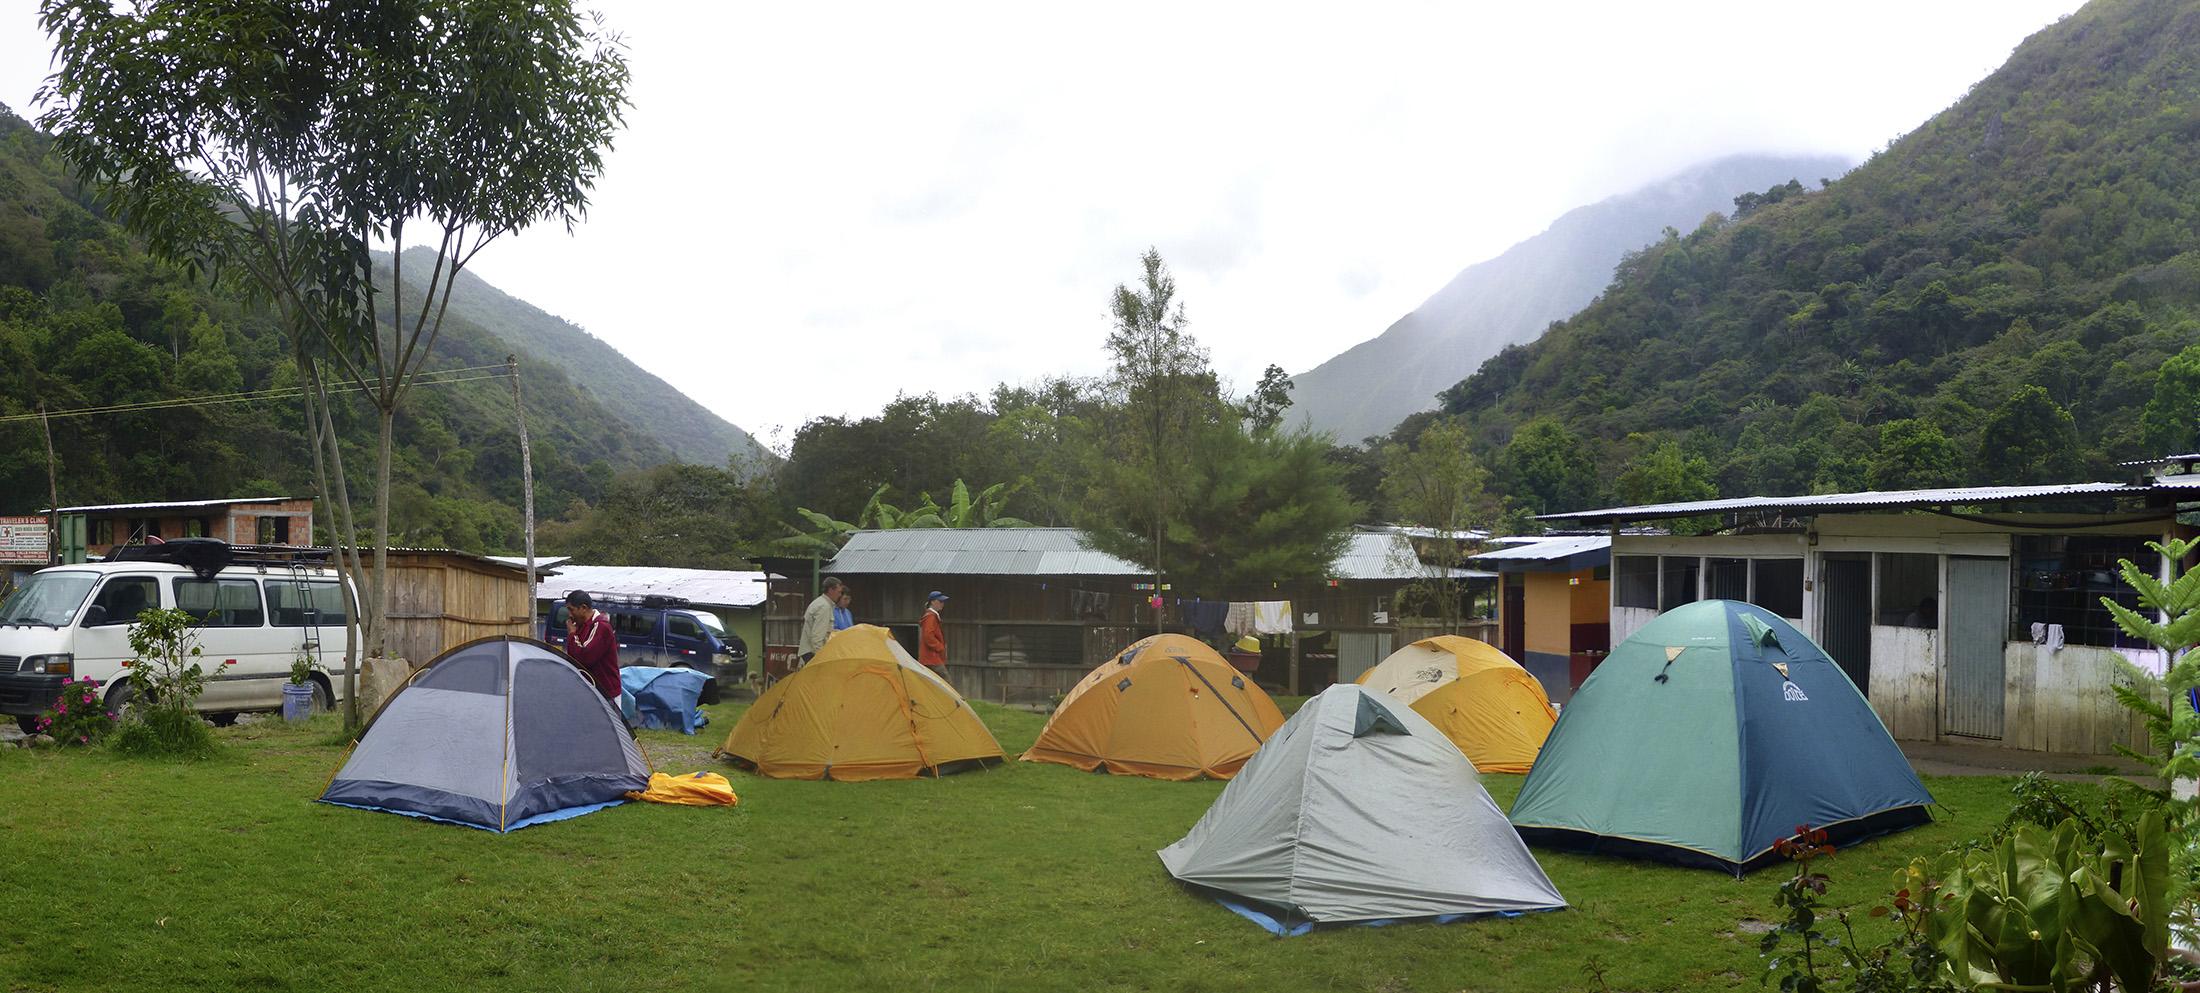 Camping at La Playa